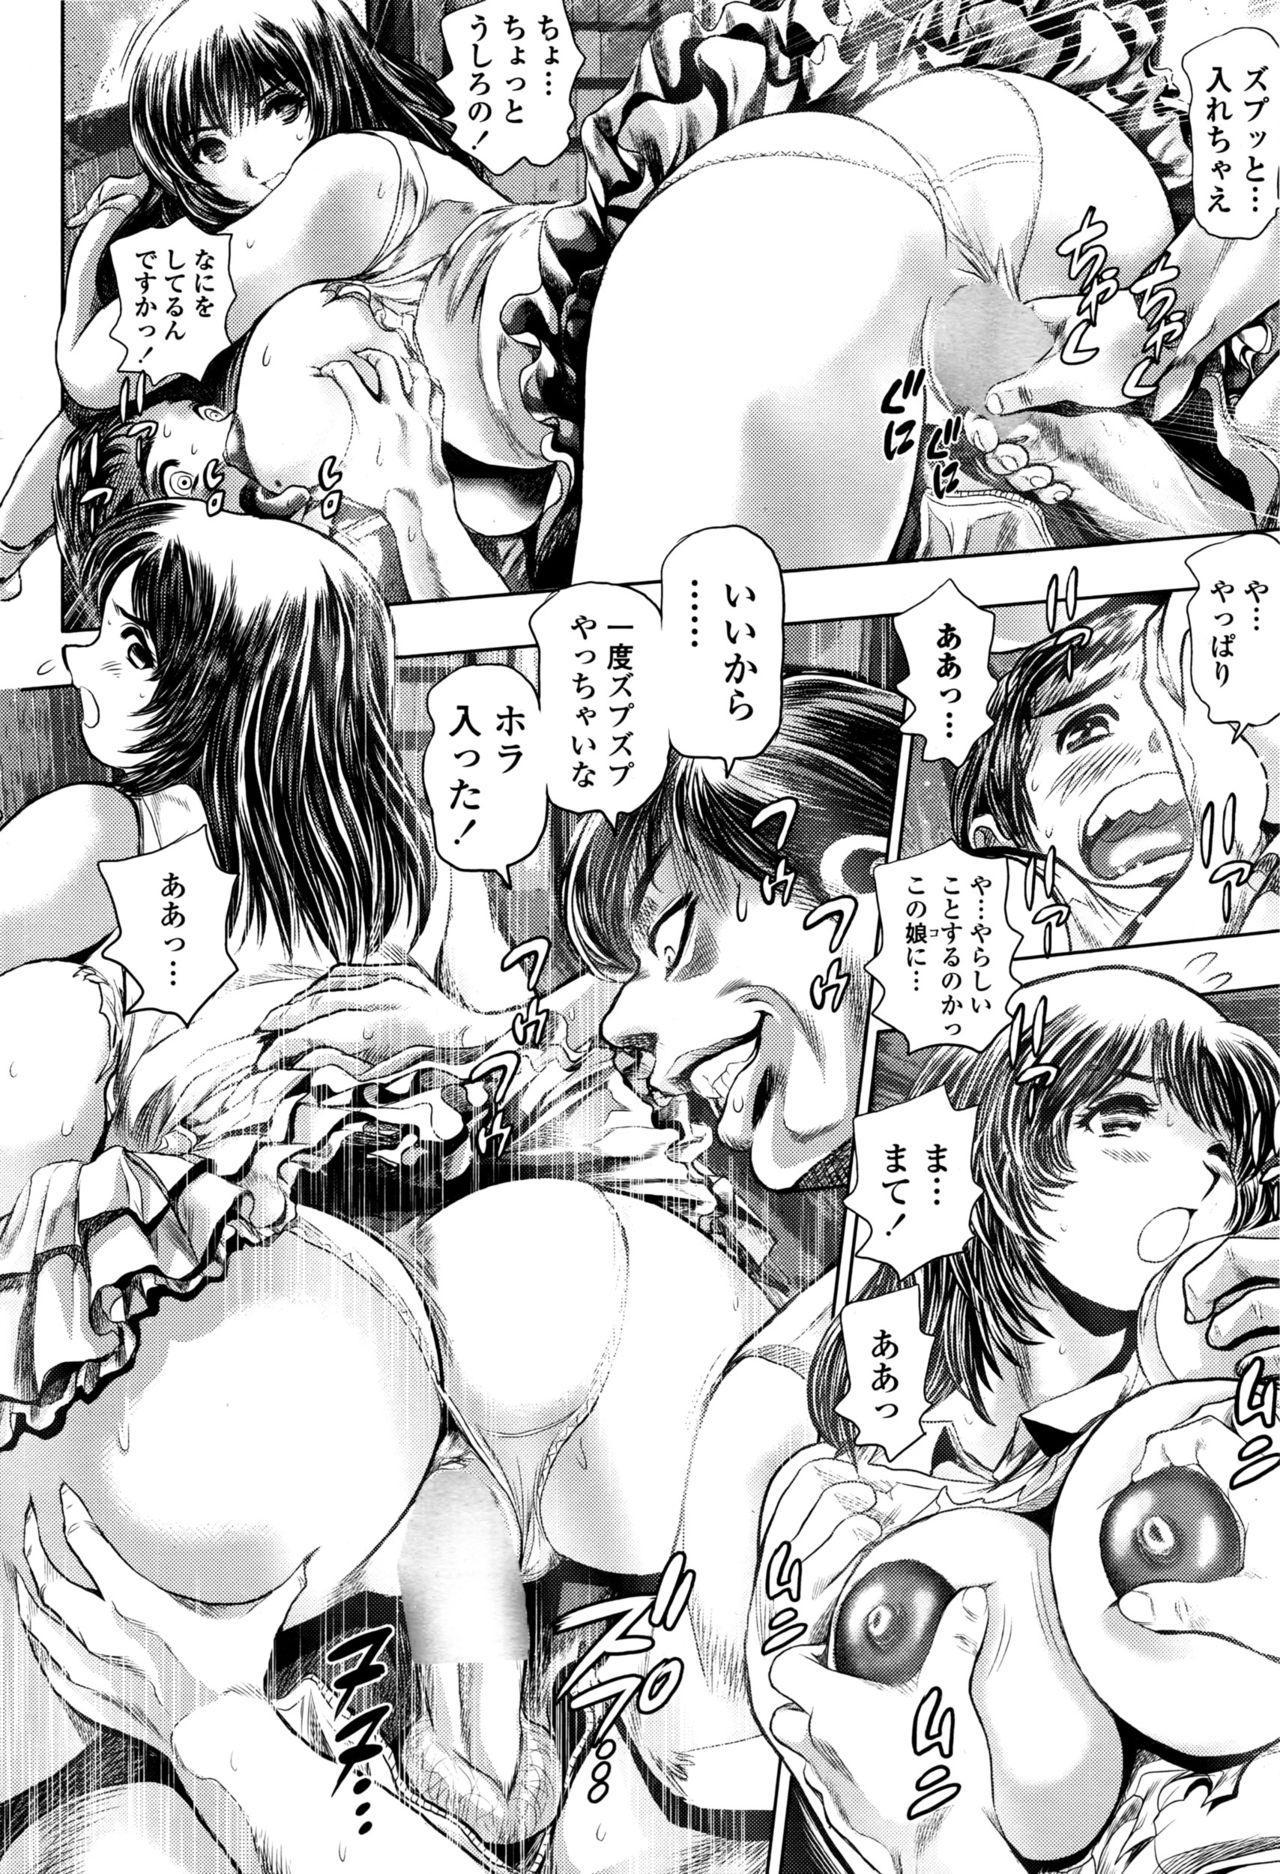 Keiko no Iru Machi S Ch. 1-10 13